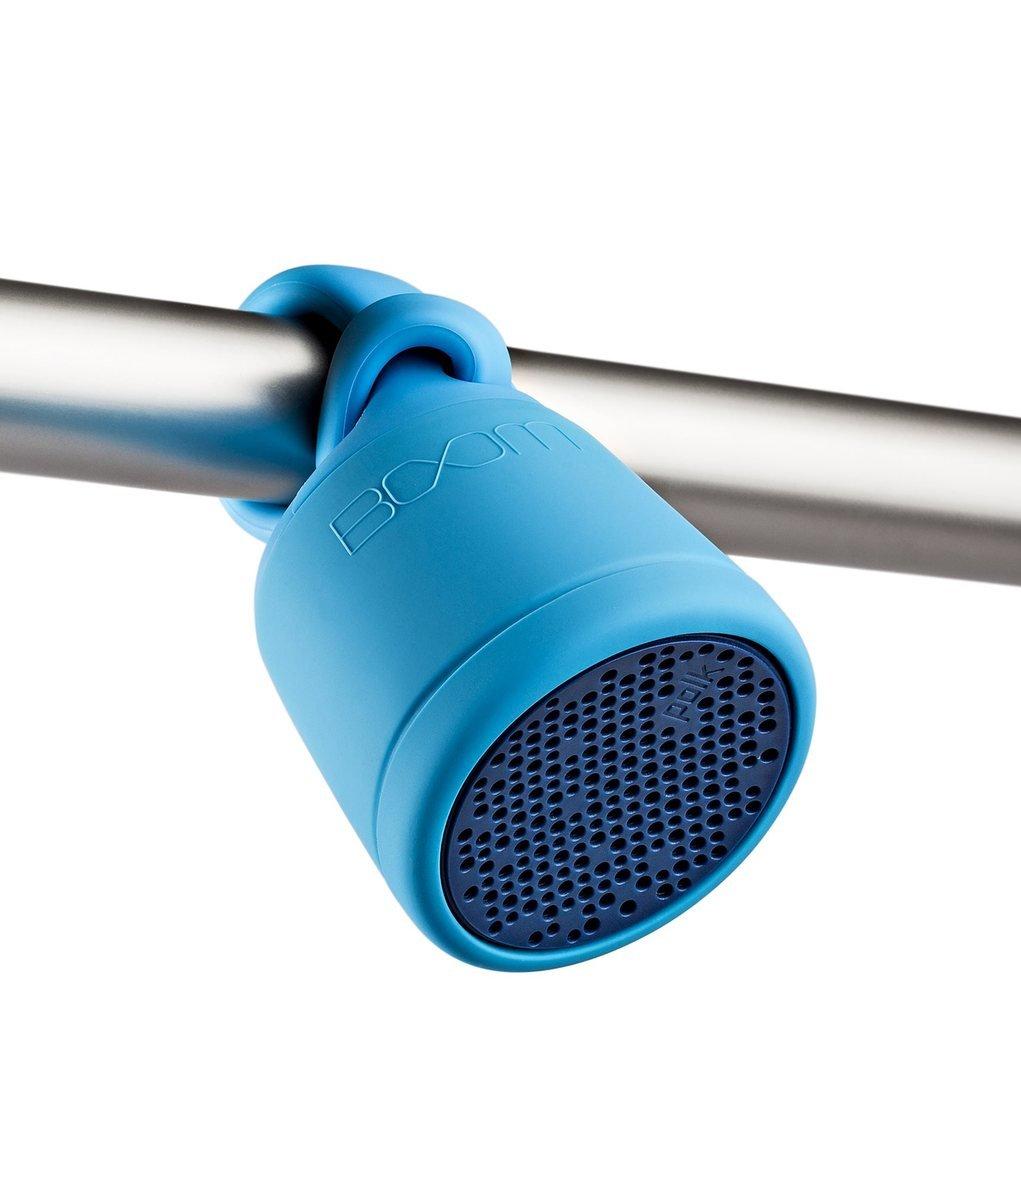 SWIMMER DUO 防水藍牙喇叭, 藍色